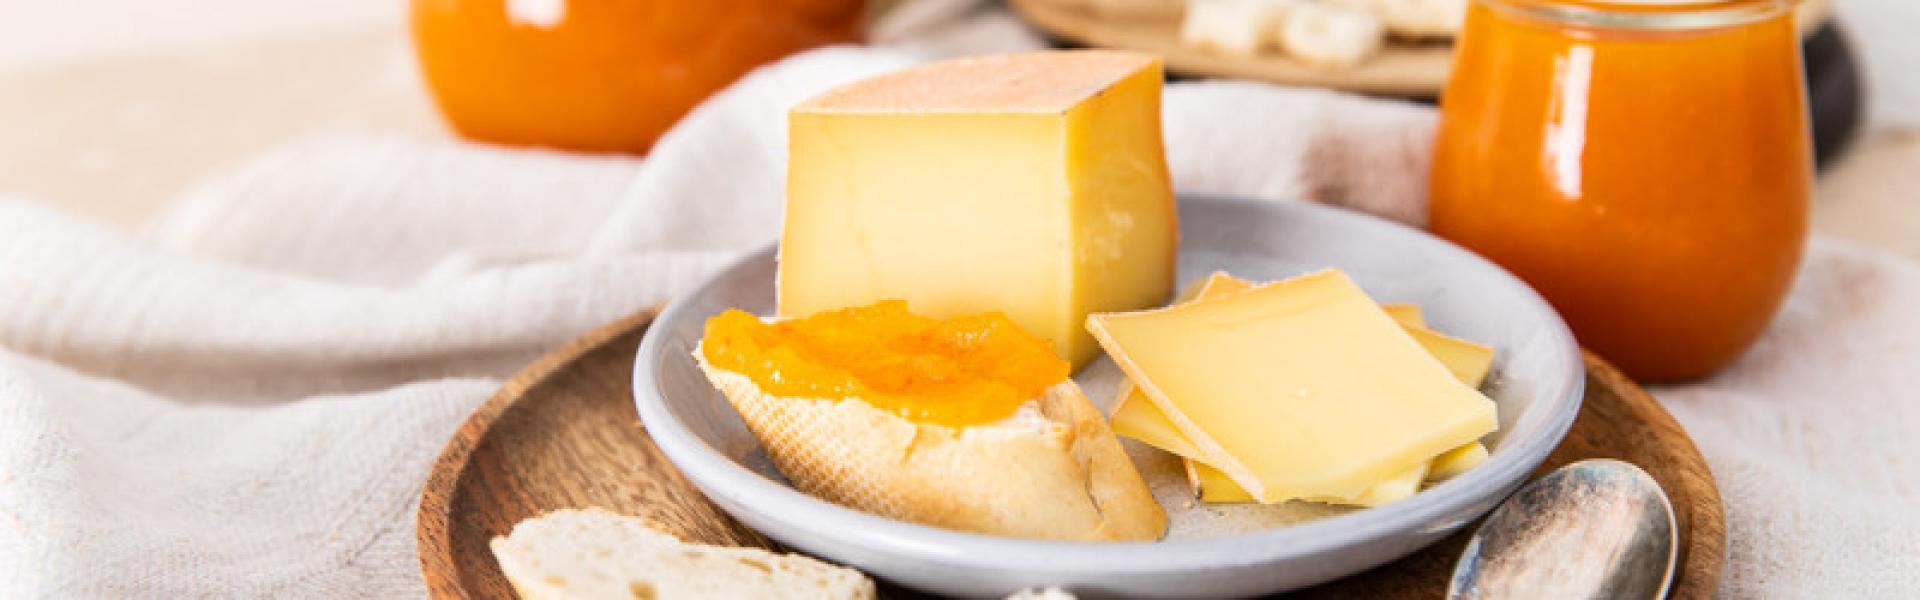 Süße Kürbismarmelade auf einem Brot neben Käse auf einer Platte.